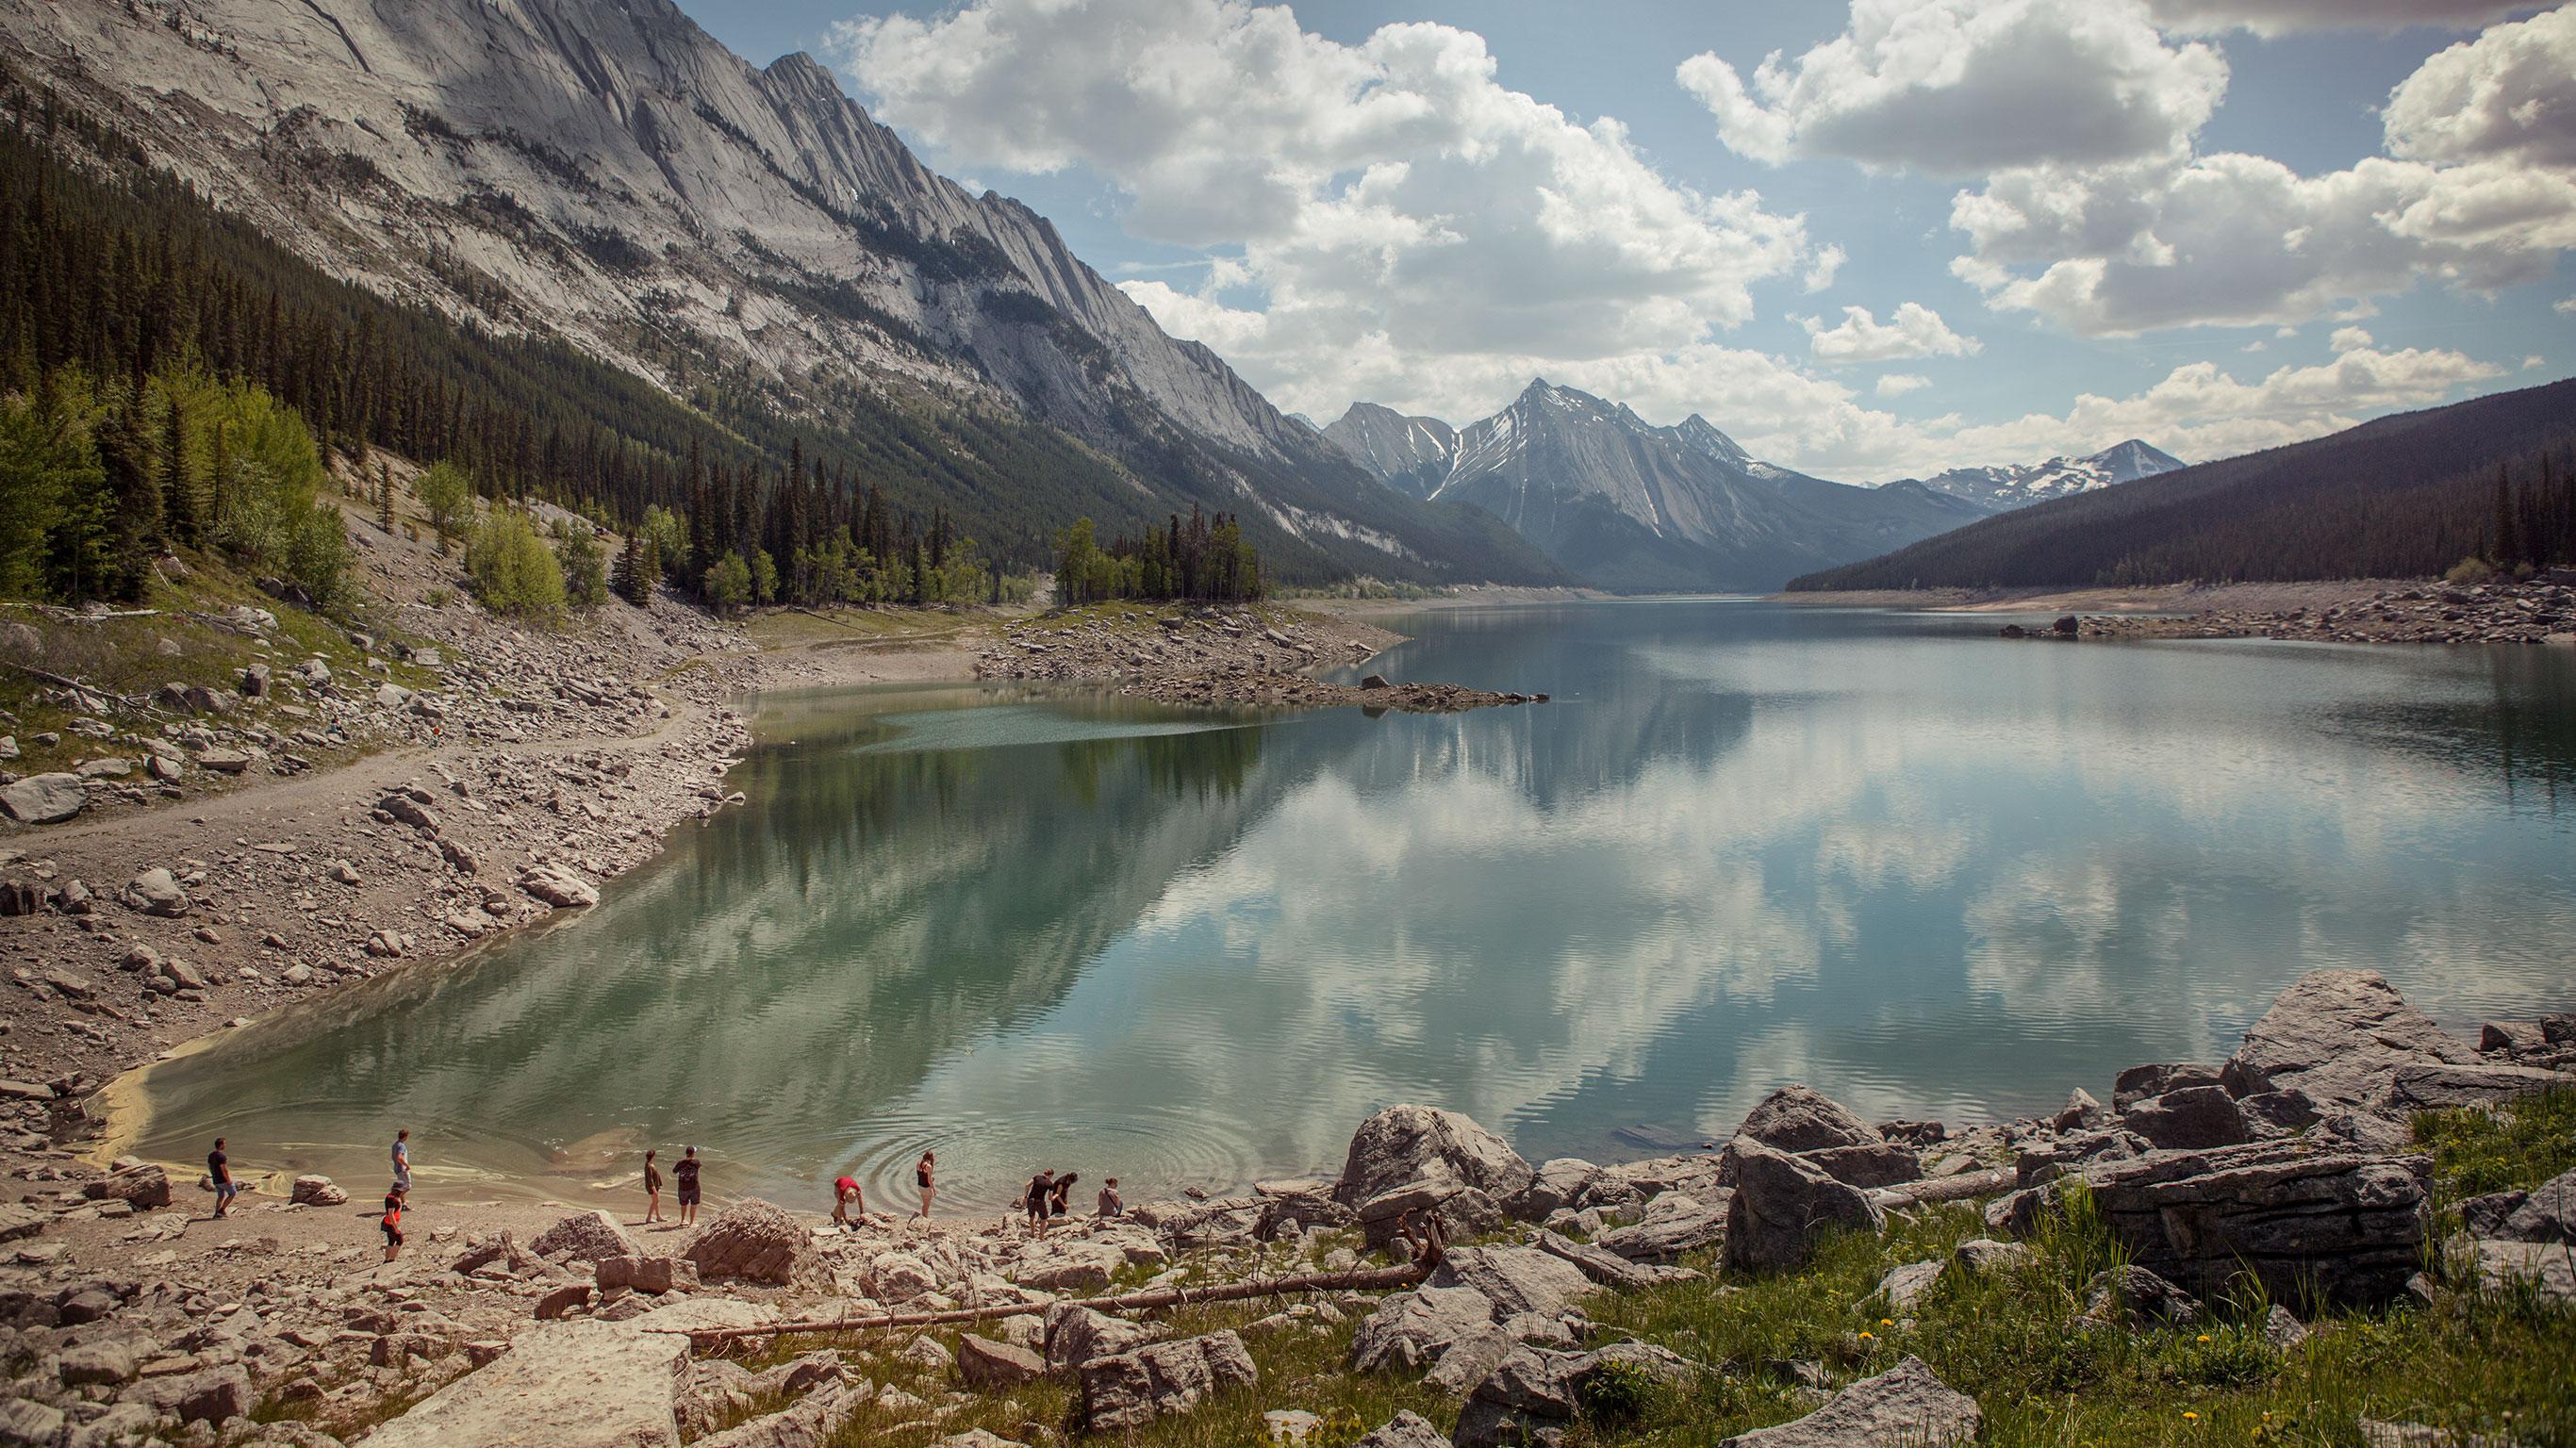 Kanadische Rockies total